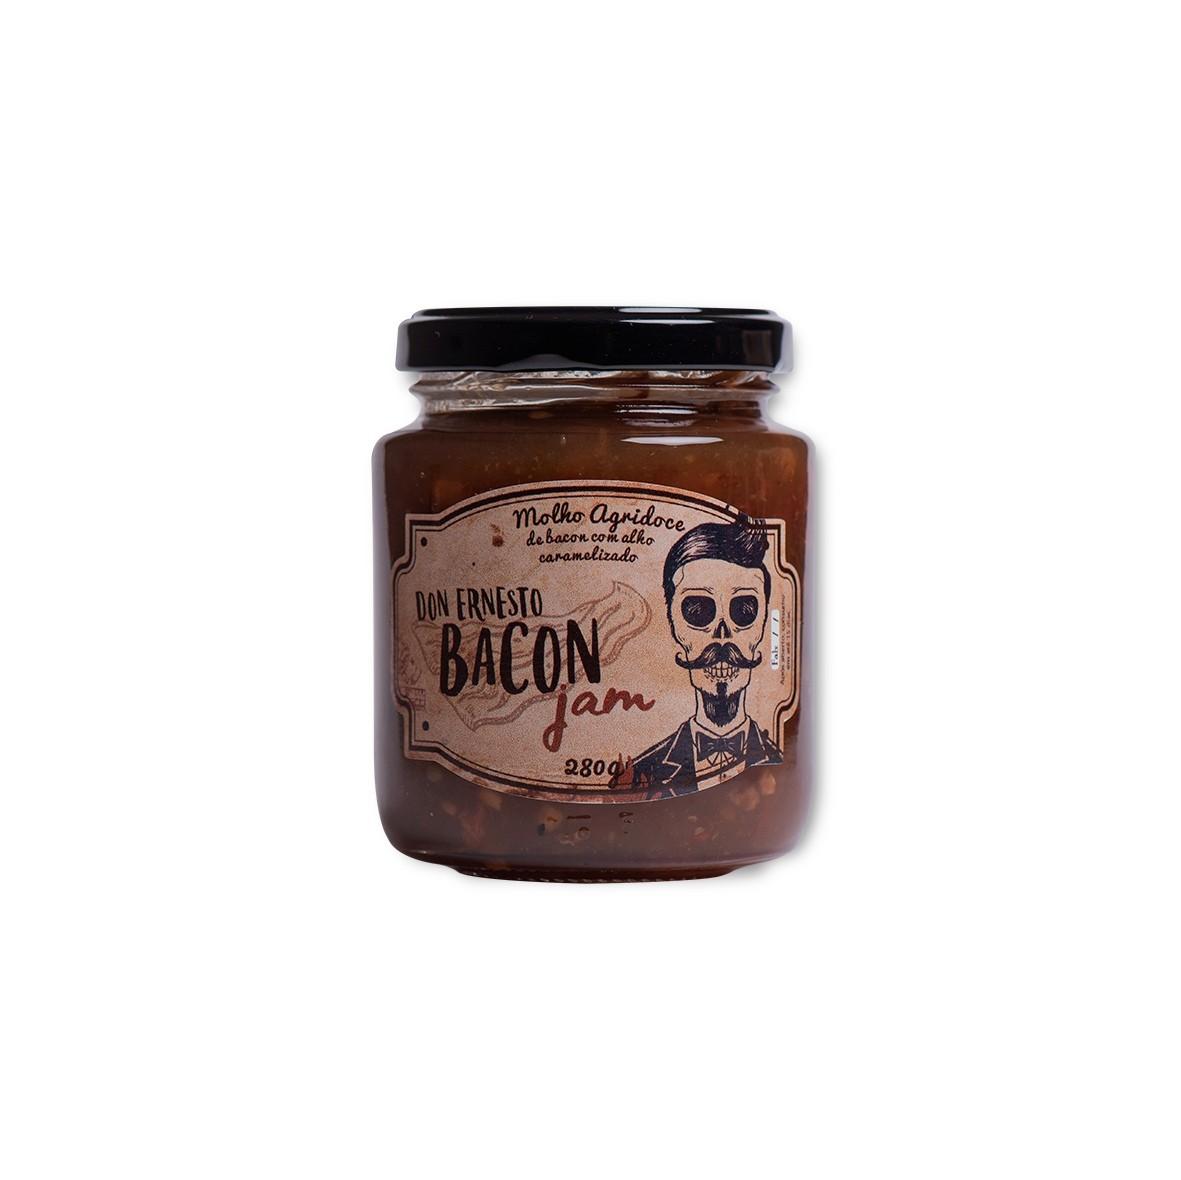 Geleia de Bacon com Alho Caramelizado Don Ernesto